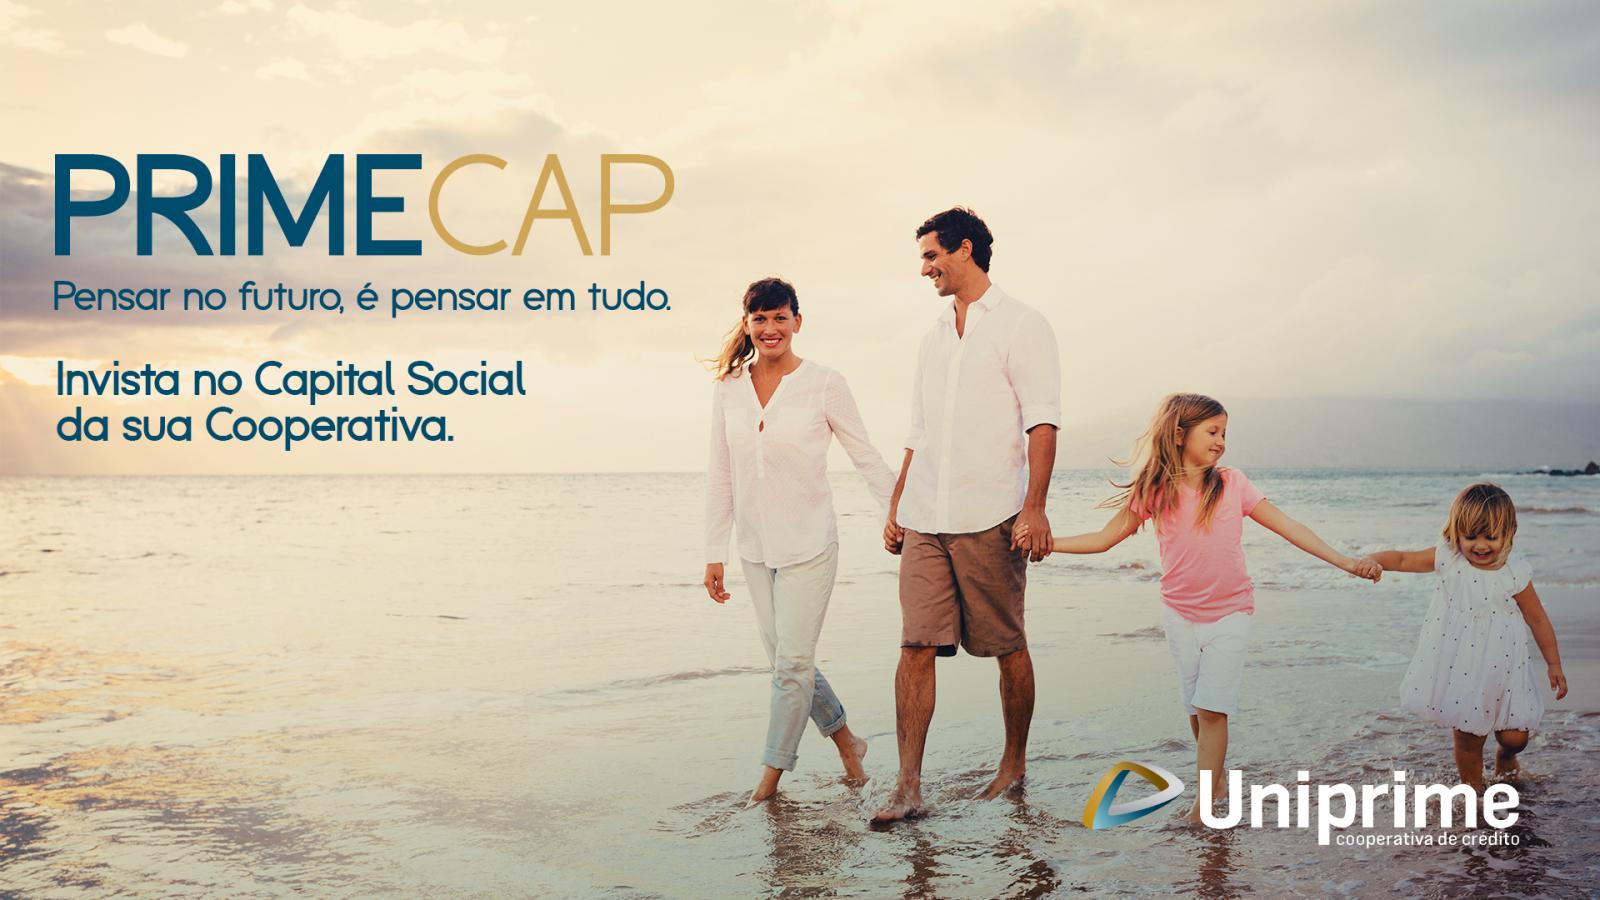 PrimeCap Uniprime